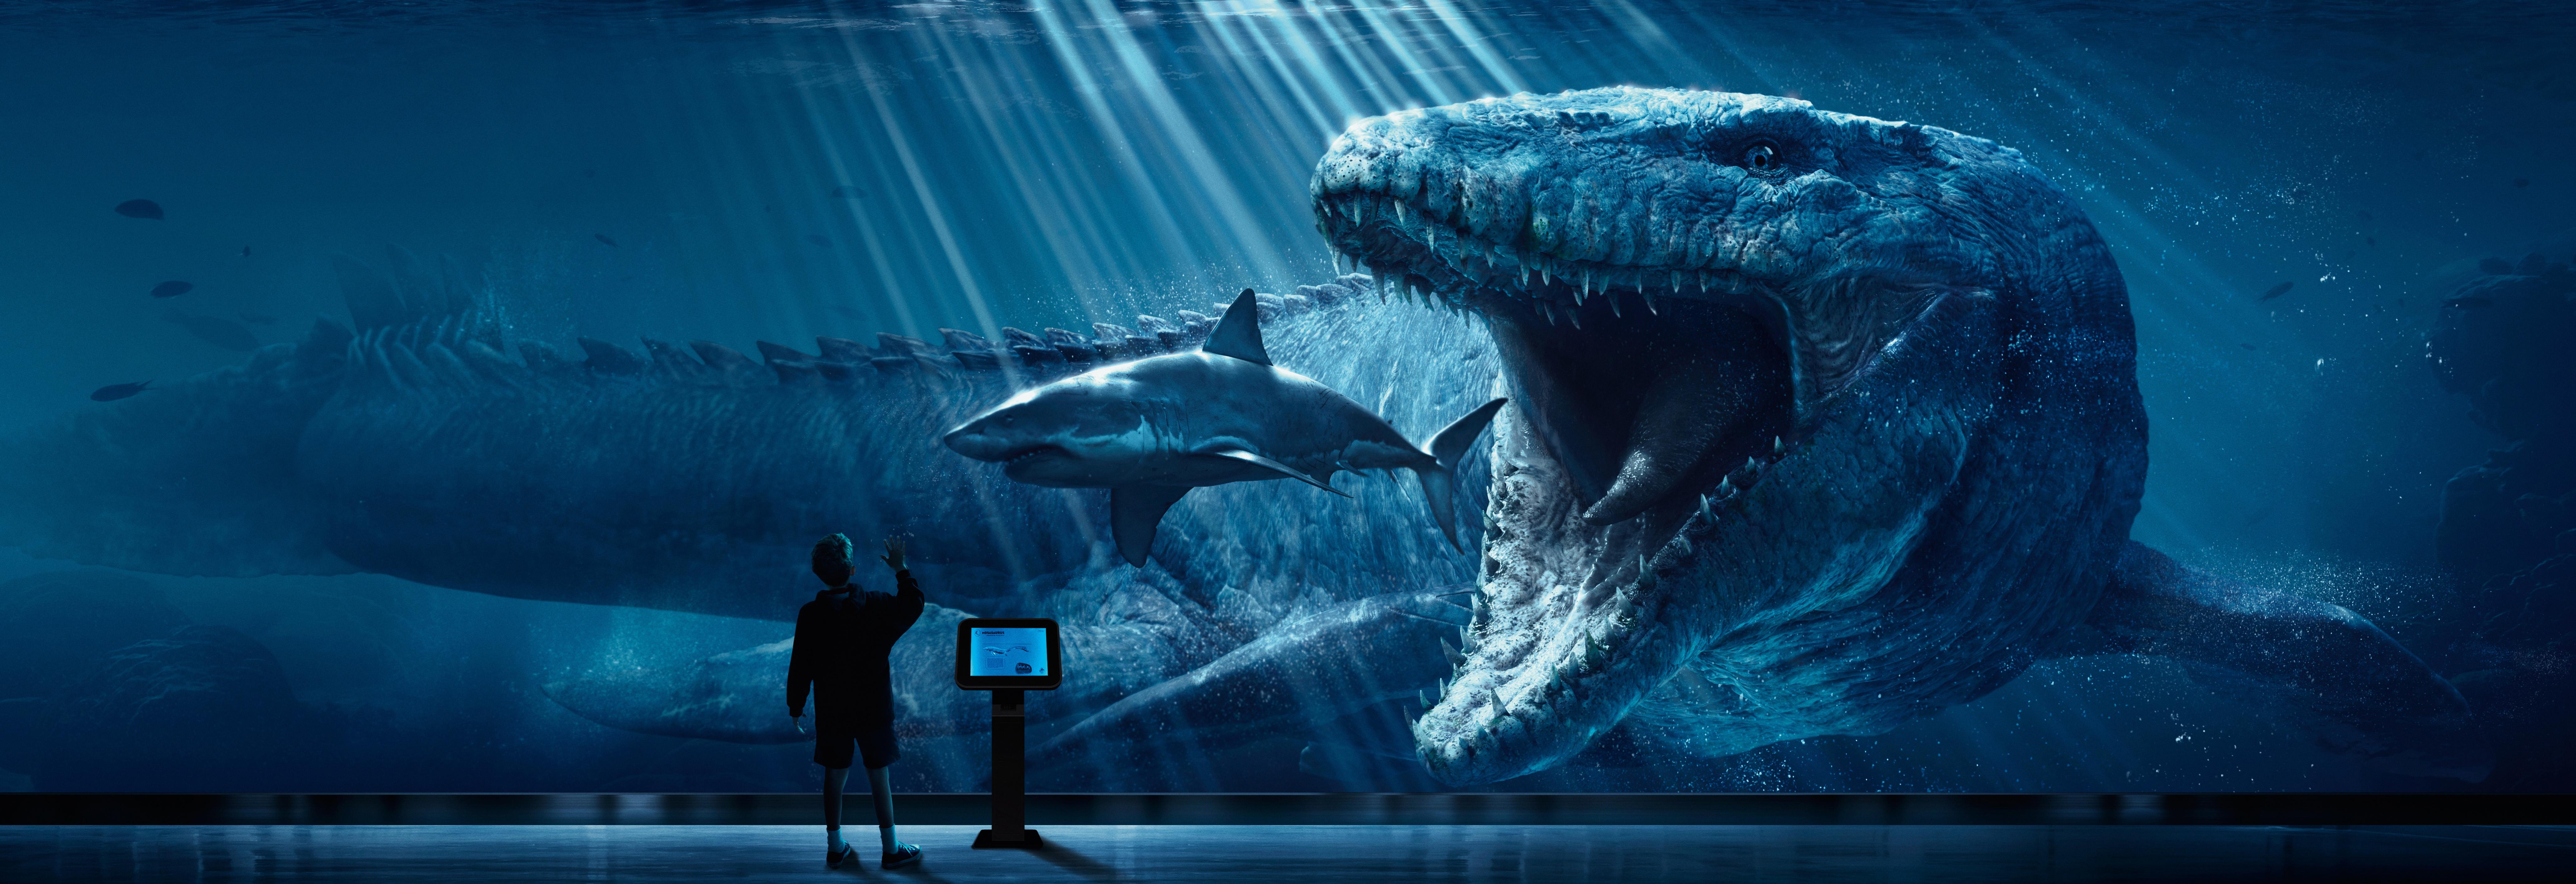 Картинка: Аквариум, динозавр, акула, мальчик, информационная стойка, охота, хищник, мозазавр, Мир юрского периода, фильм